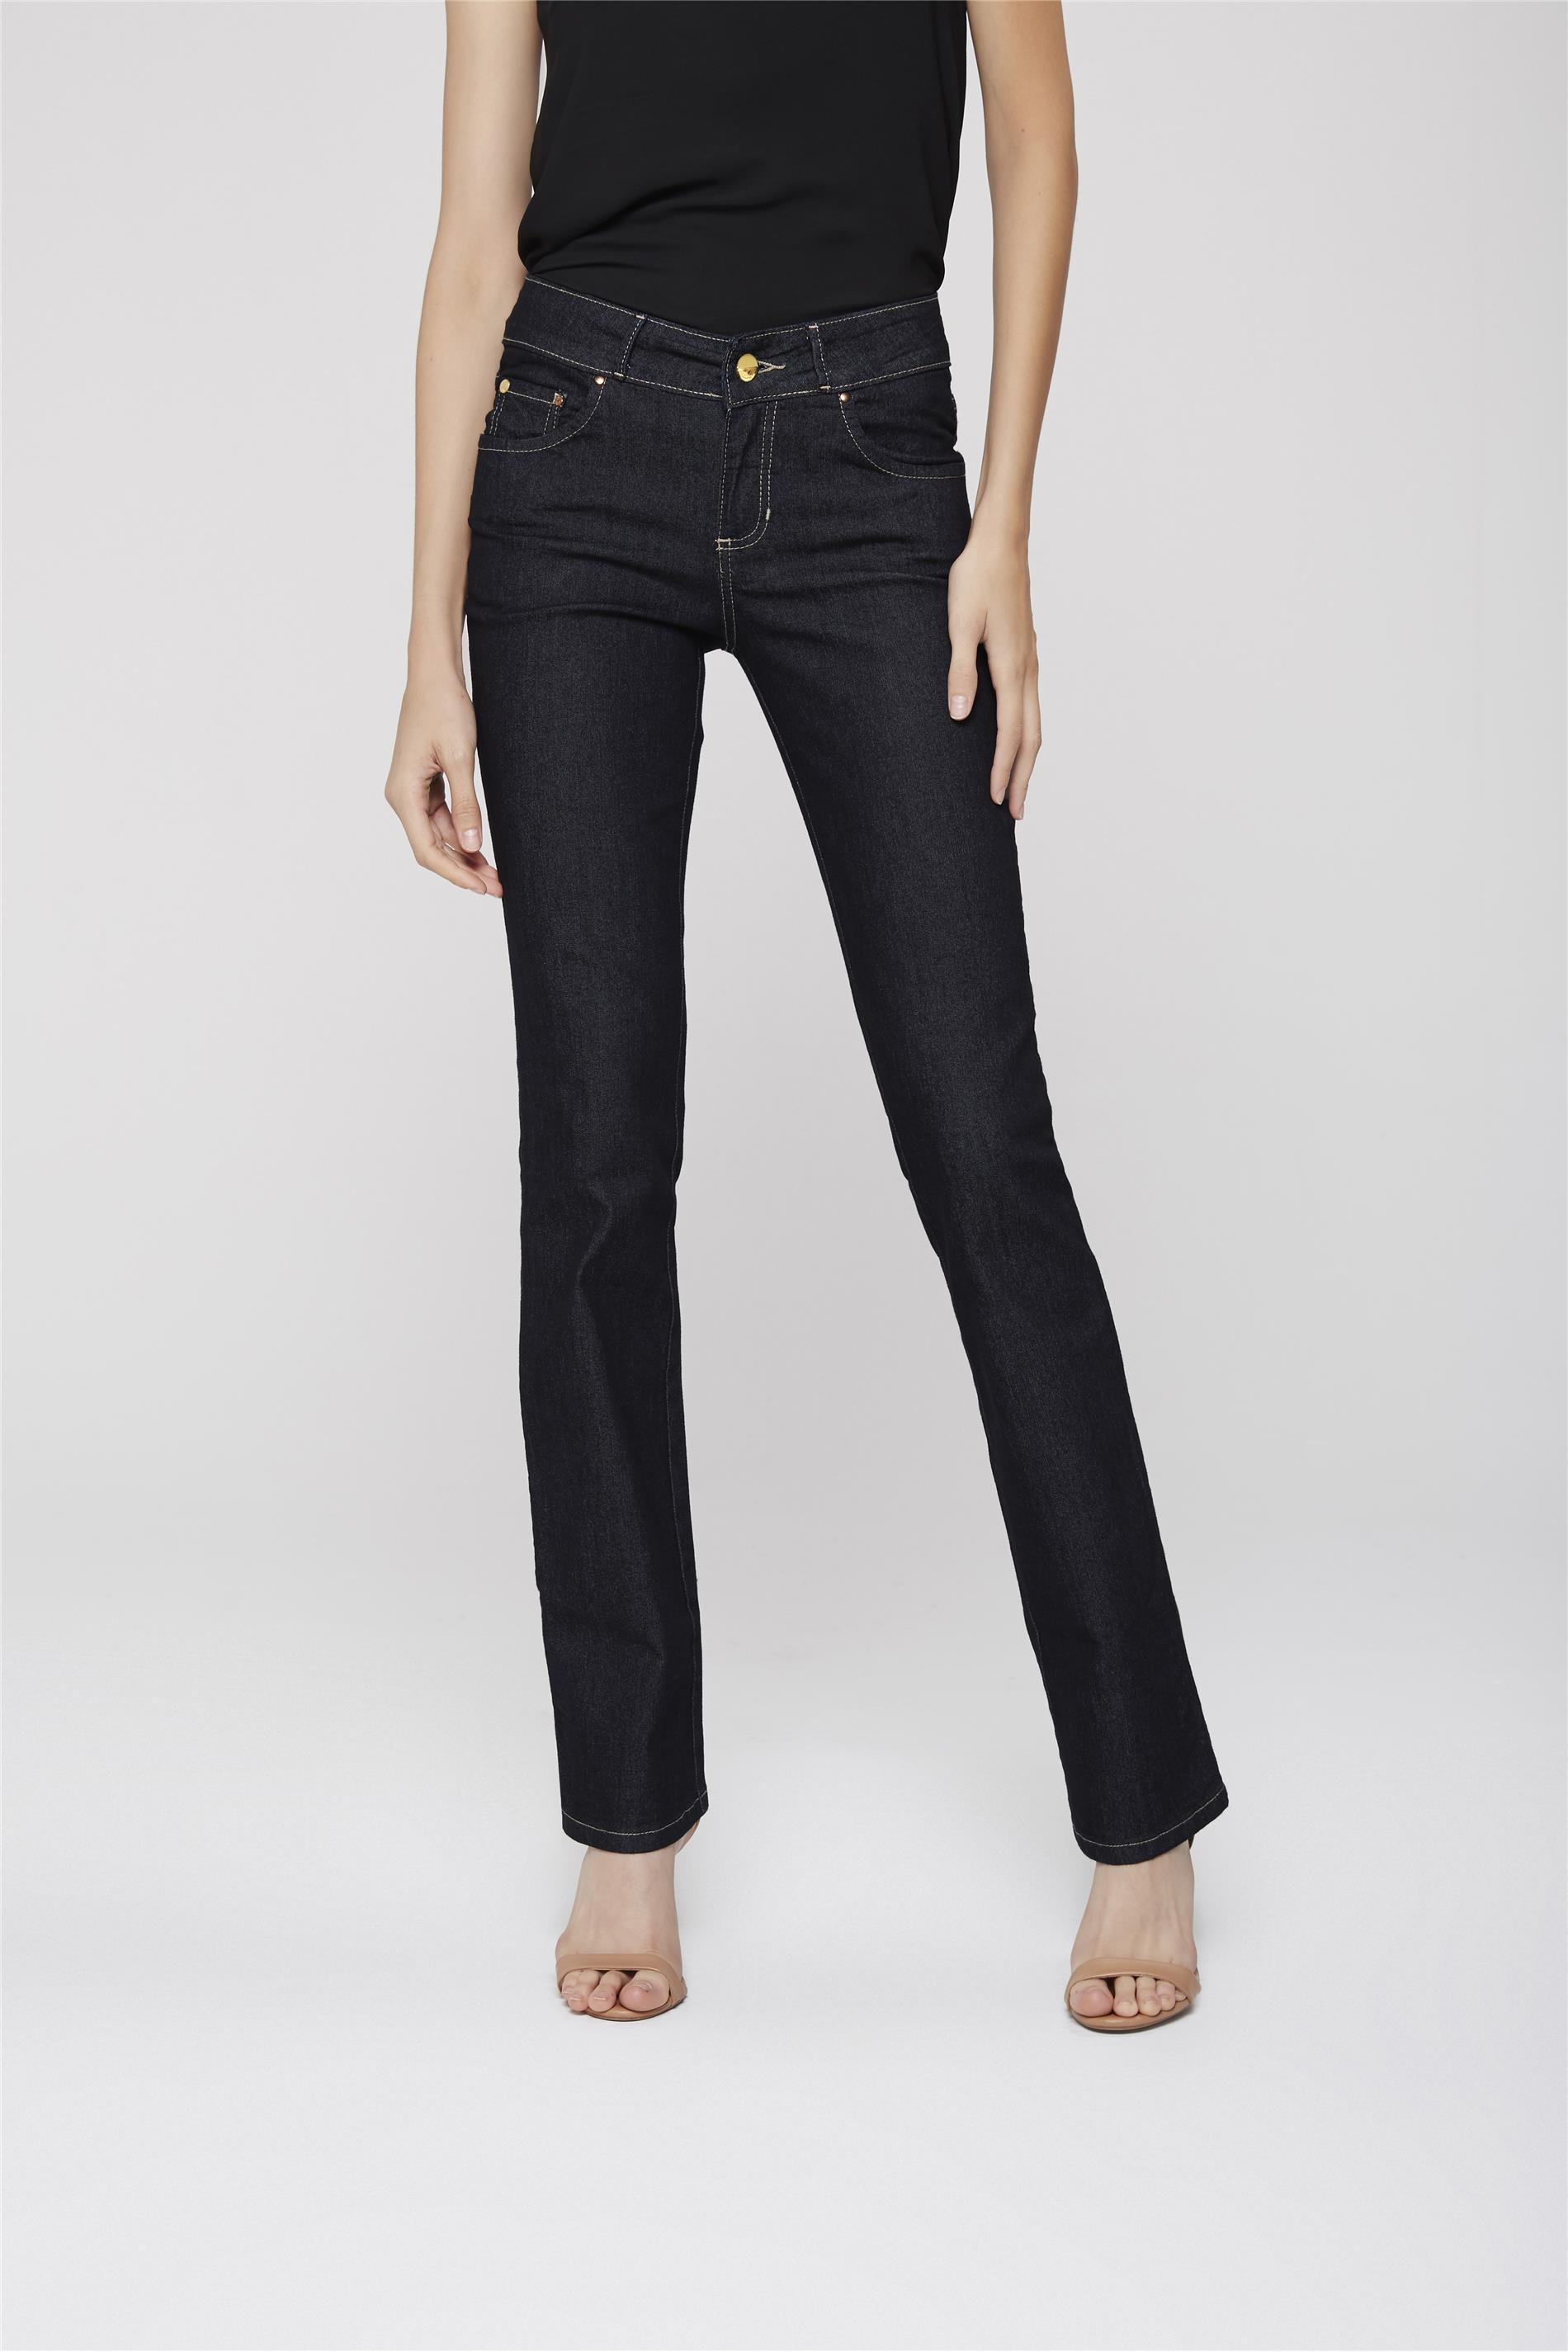 3bfb1b800 Calça Jeans Reta Básica Etiqueta Bolso - Damyller